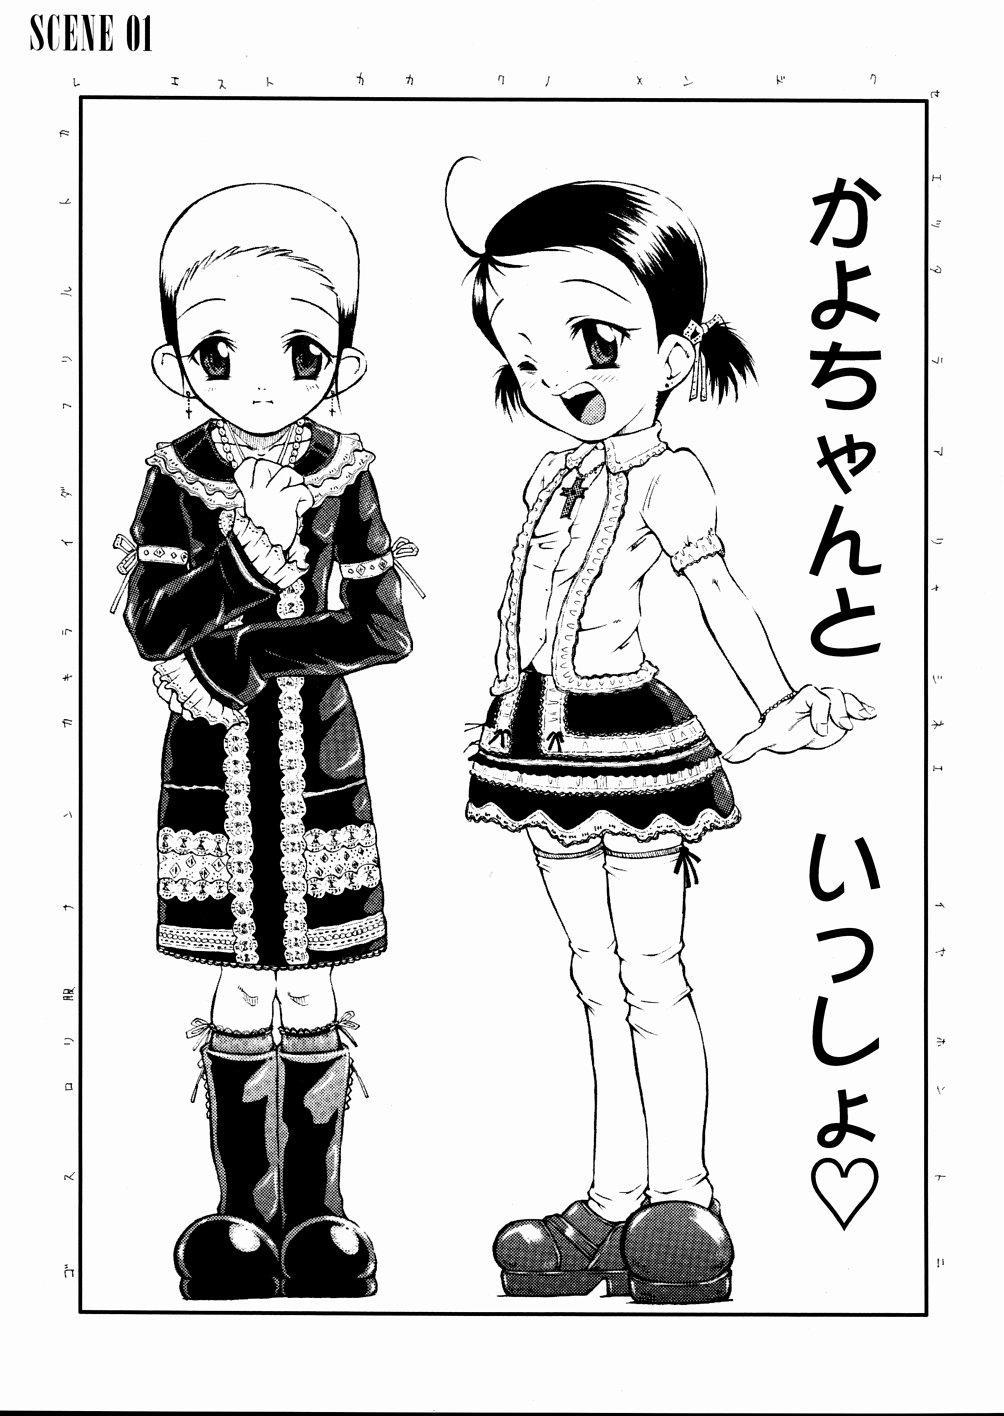 Urabambi Vol. 20 - Adesugata Naniwa Musume 12